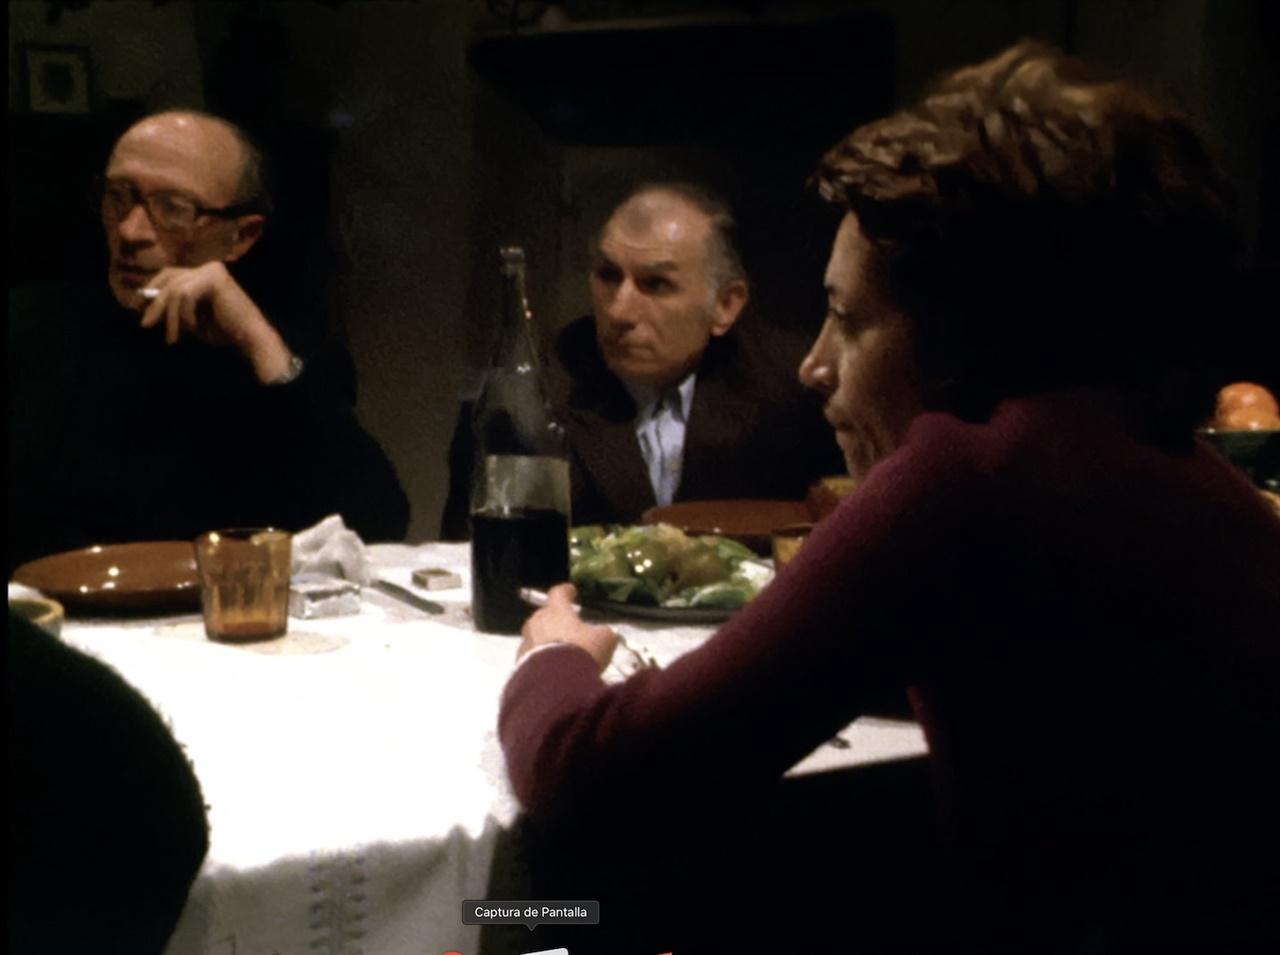 정치범을 소재로 한 영화 < El sopar (The Dinner) >의 한 장면 1974년 5명의 정치범들이 자신의 수감 경험을 이야기하는 내용이다. 촬영을 시작했던 날, 까탈루냐의 정치범 Salvador Puig Antich이 사형되기도 했다. 포르타벨라 감독은 74년 촬영된 Antich의 변호사 부분을 2018년 추가하기도 했다.